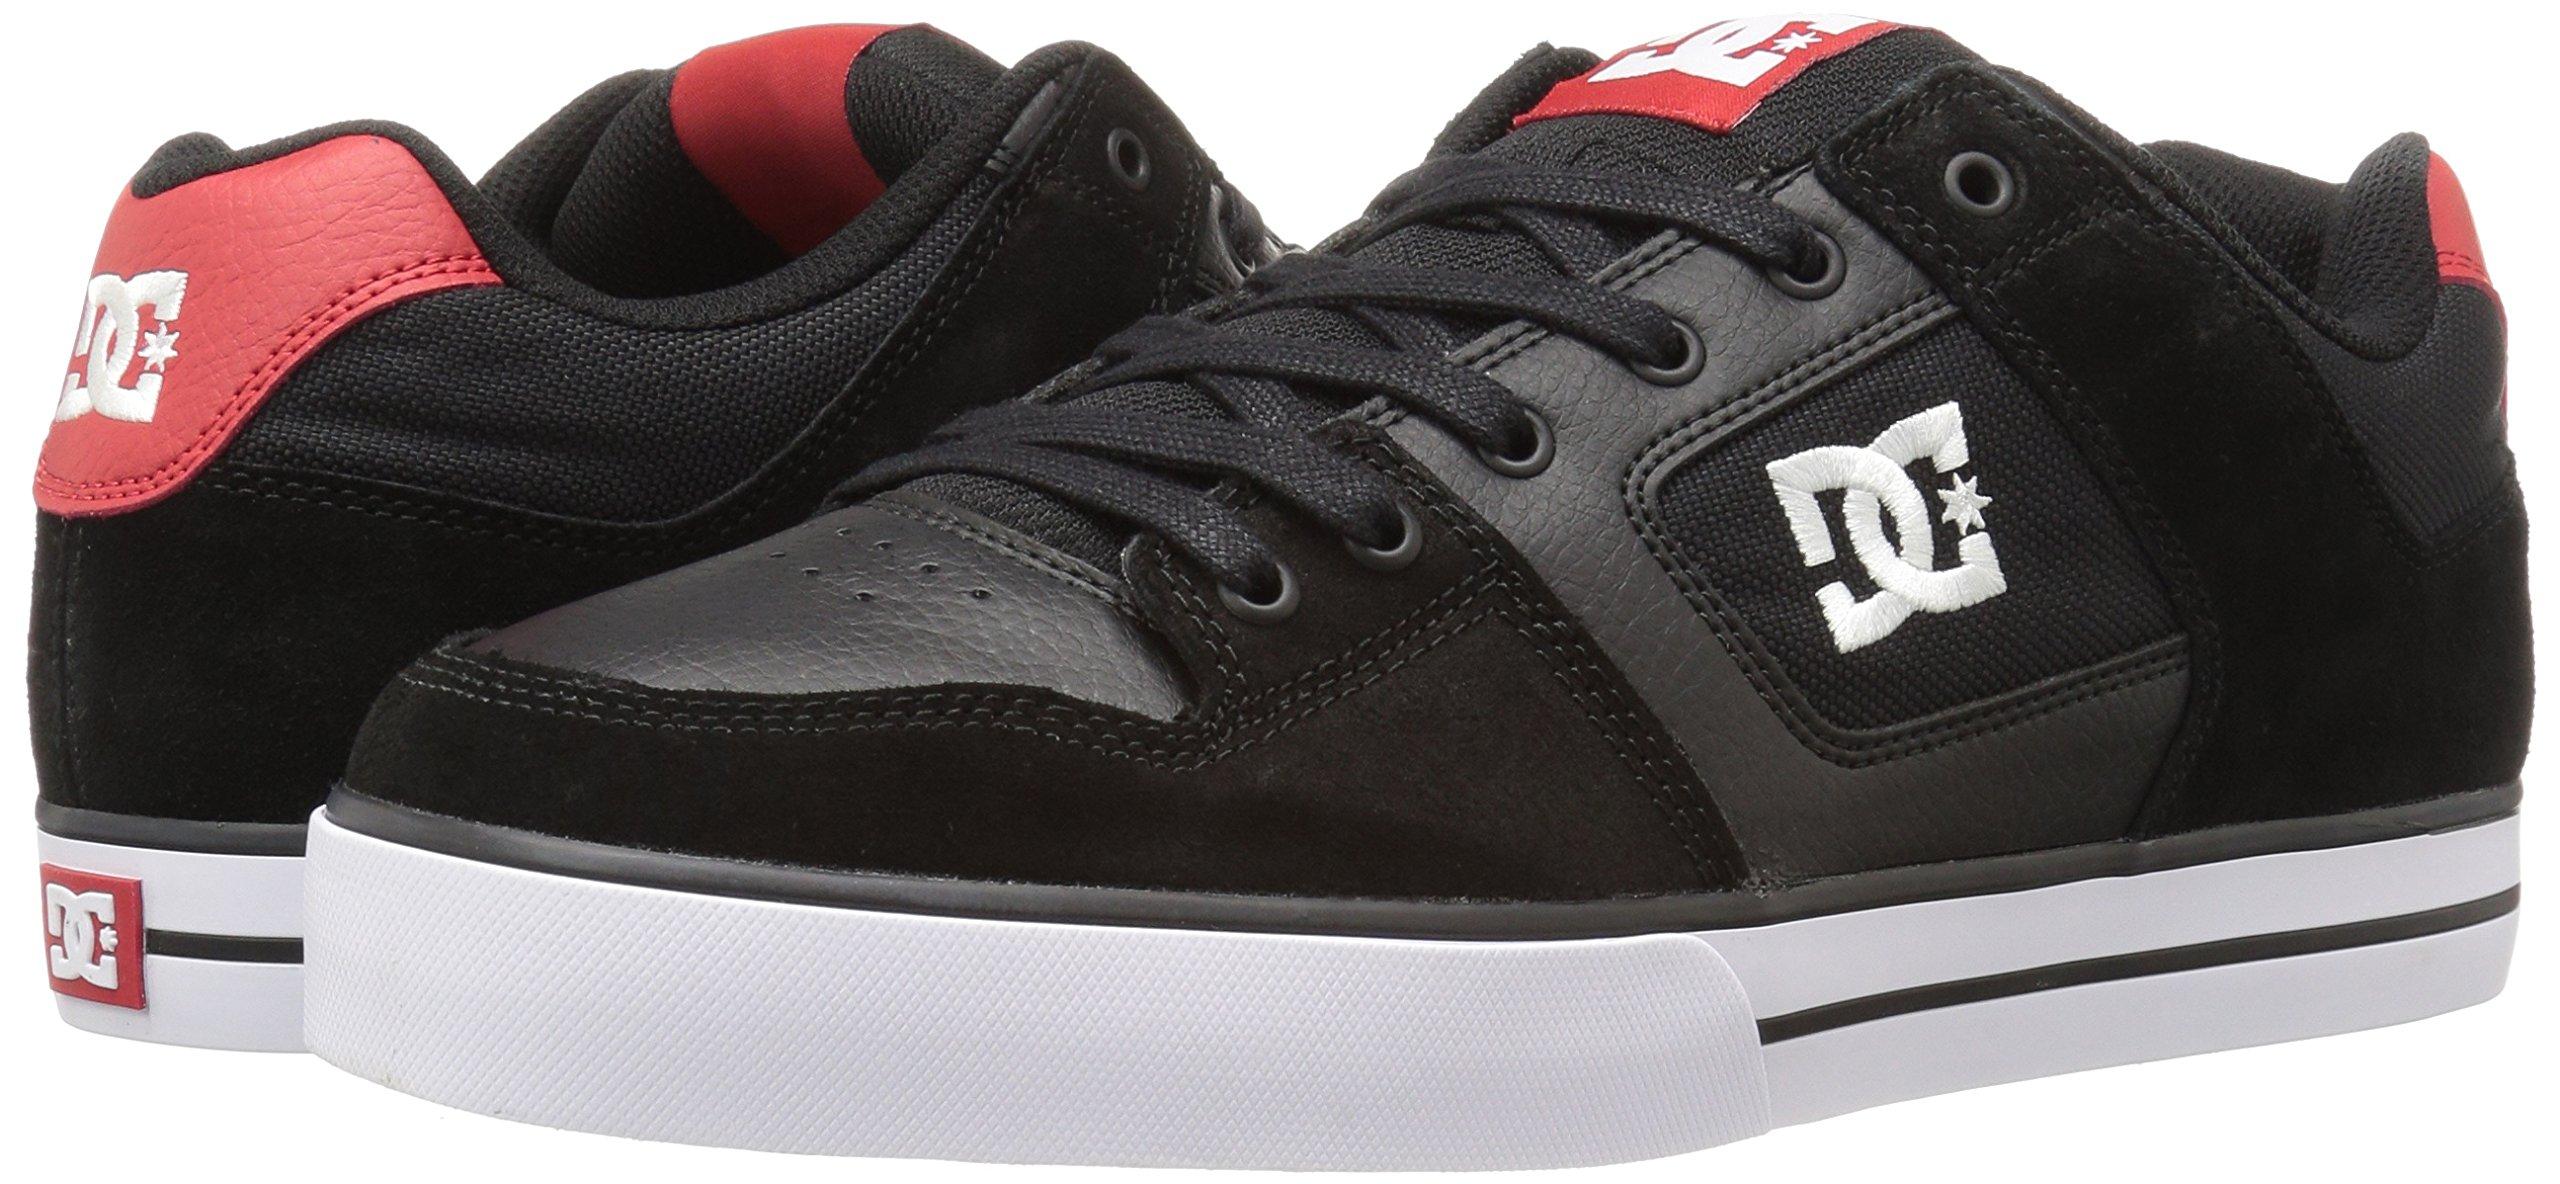 DC Shoes Mens Shoes Pure - Shoes - Men - 9.5 - Black Black/Athletic Red 9.5 by DC (Image #6)